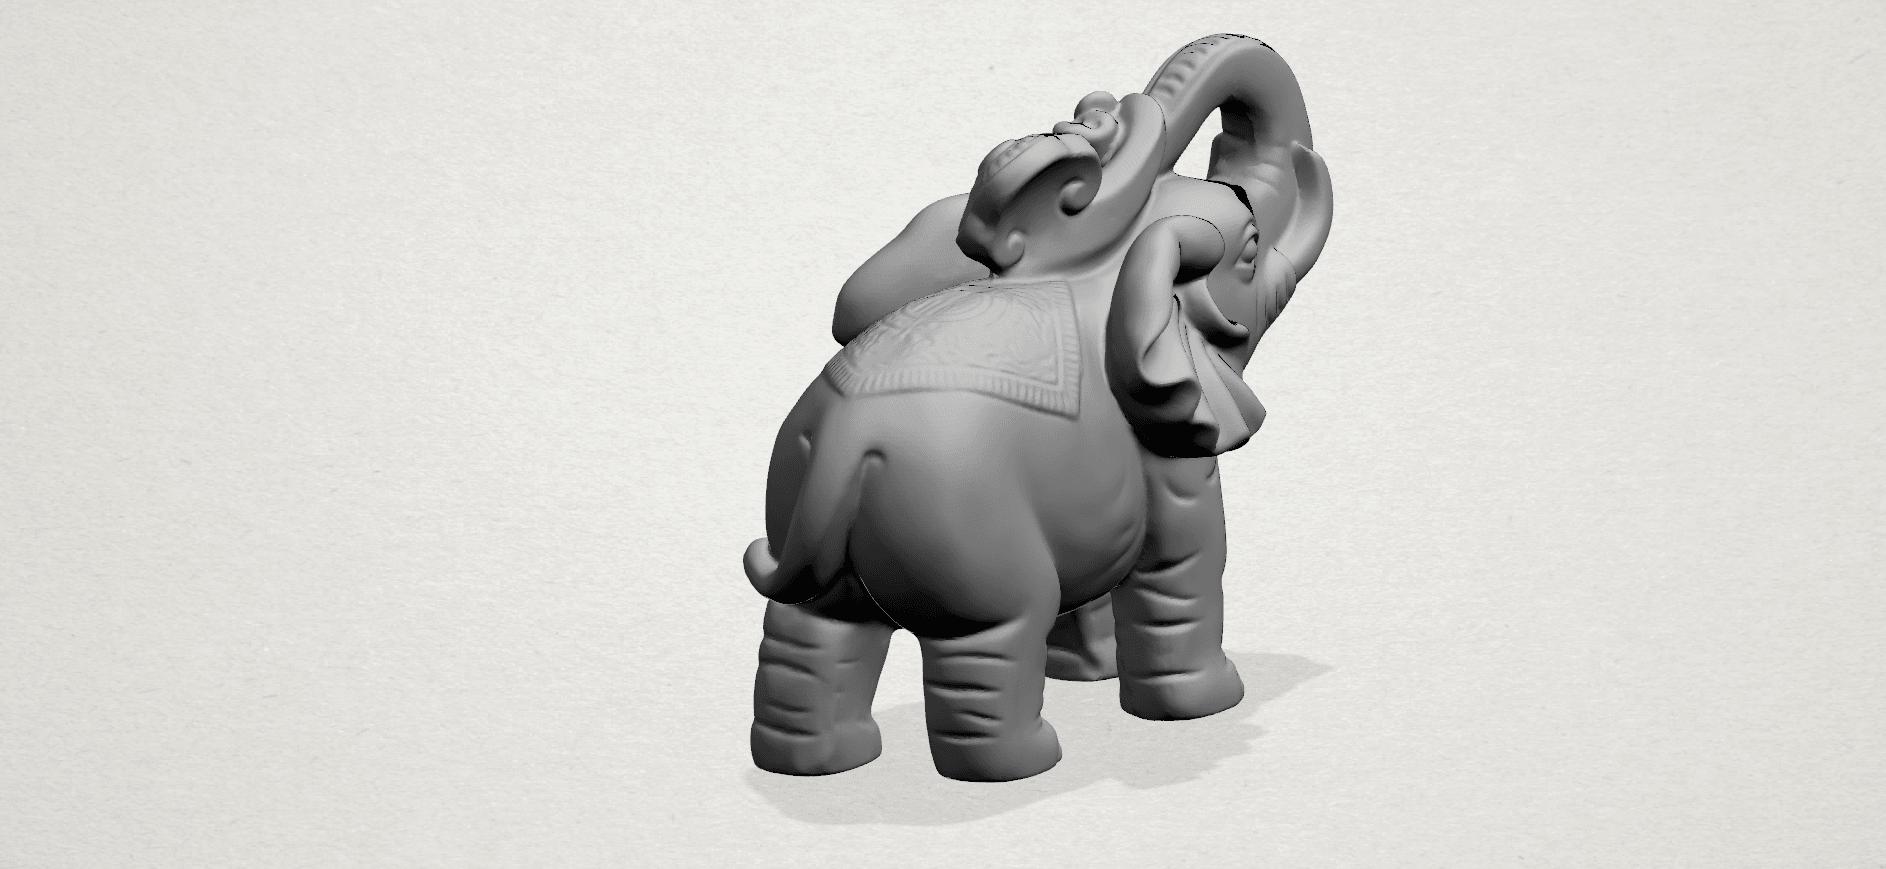 Elephant 02 -A04.png Télécharger fichier STL gratuit Eléphant 02 • Plan imprimable en 3D, GeorgesNikkei